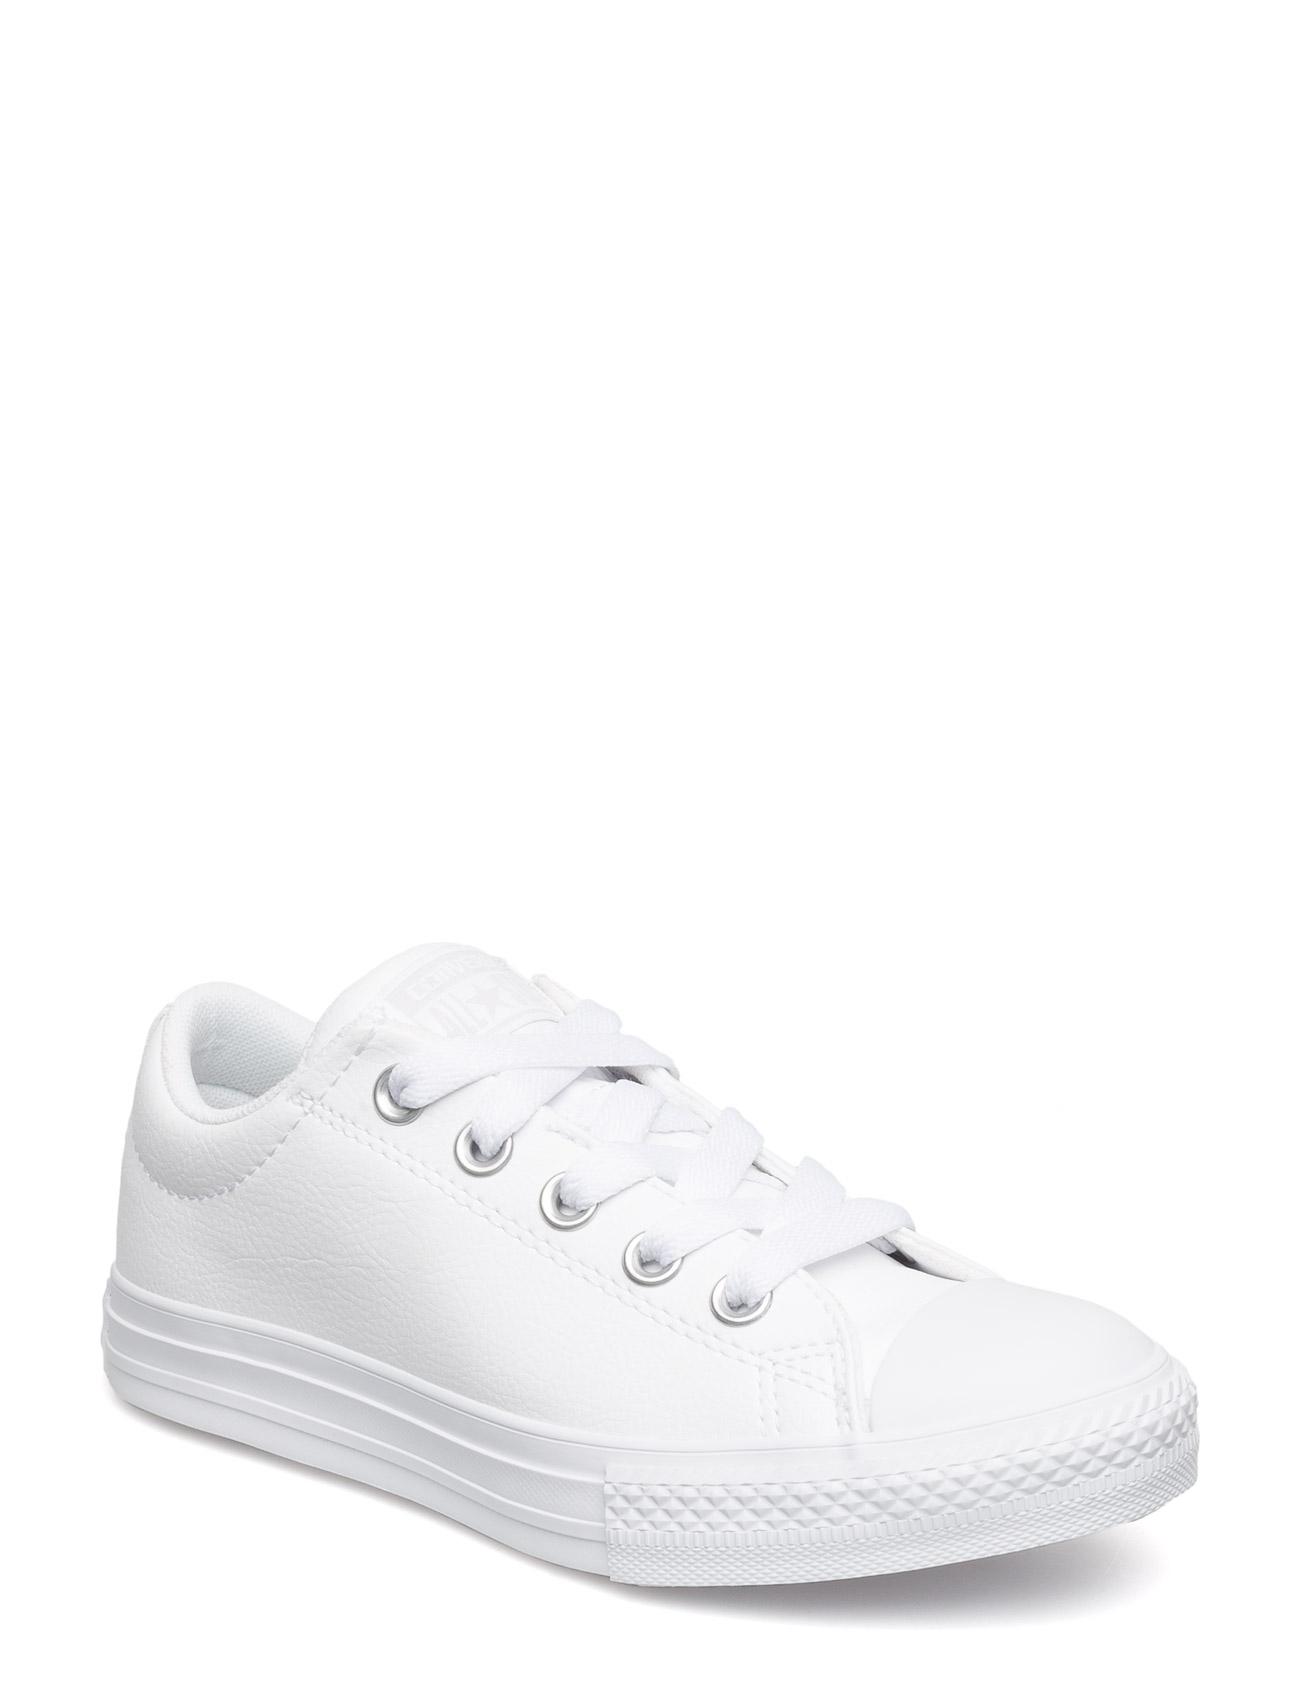 Ctas Street Slip White/White/White